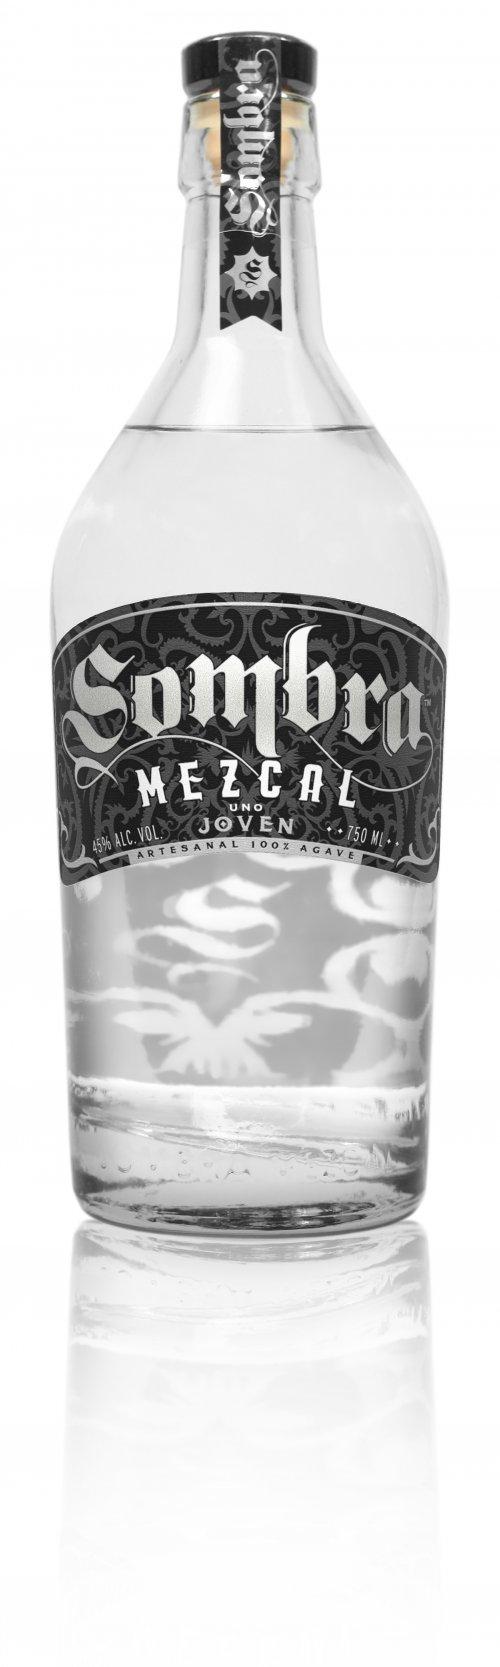 Sombra Mezcal